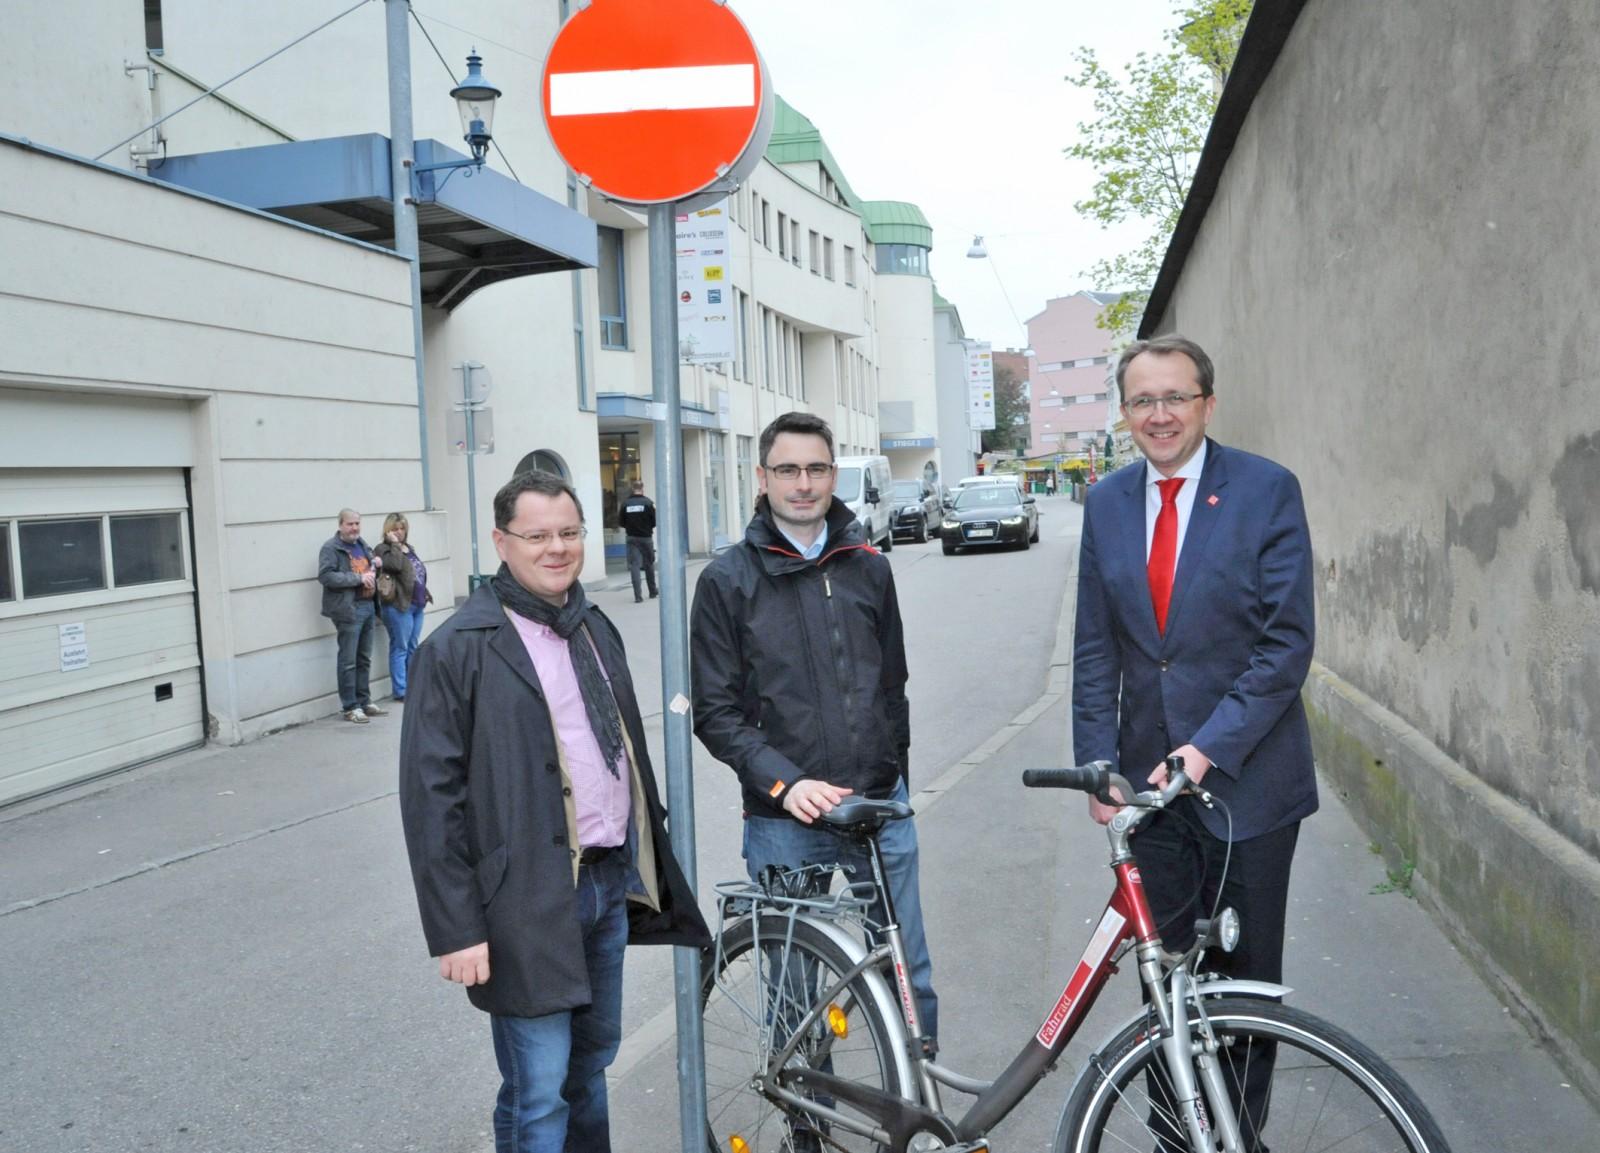 Radfahren in der Bräuhausgasse wird erleichtert